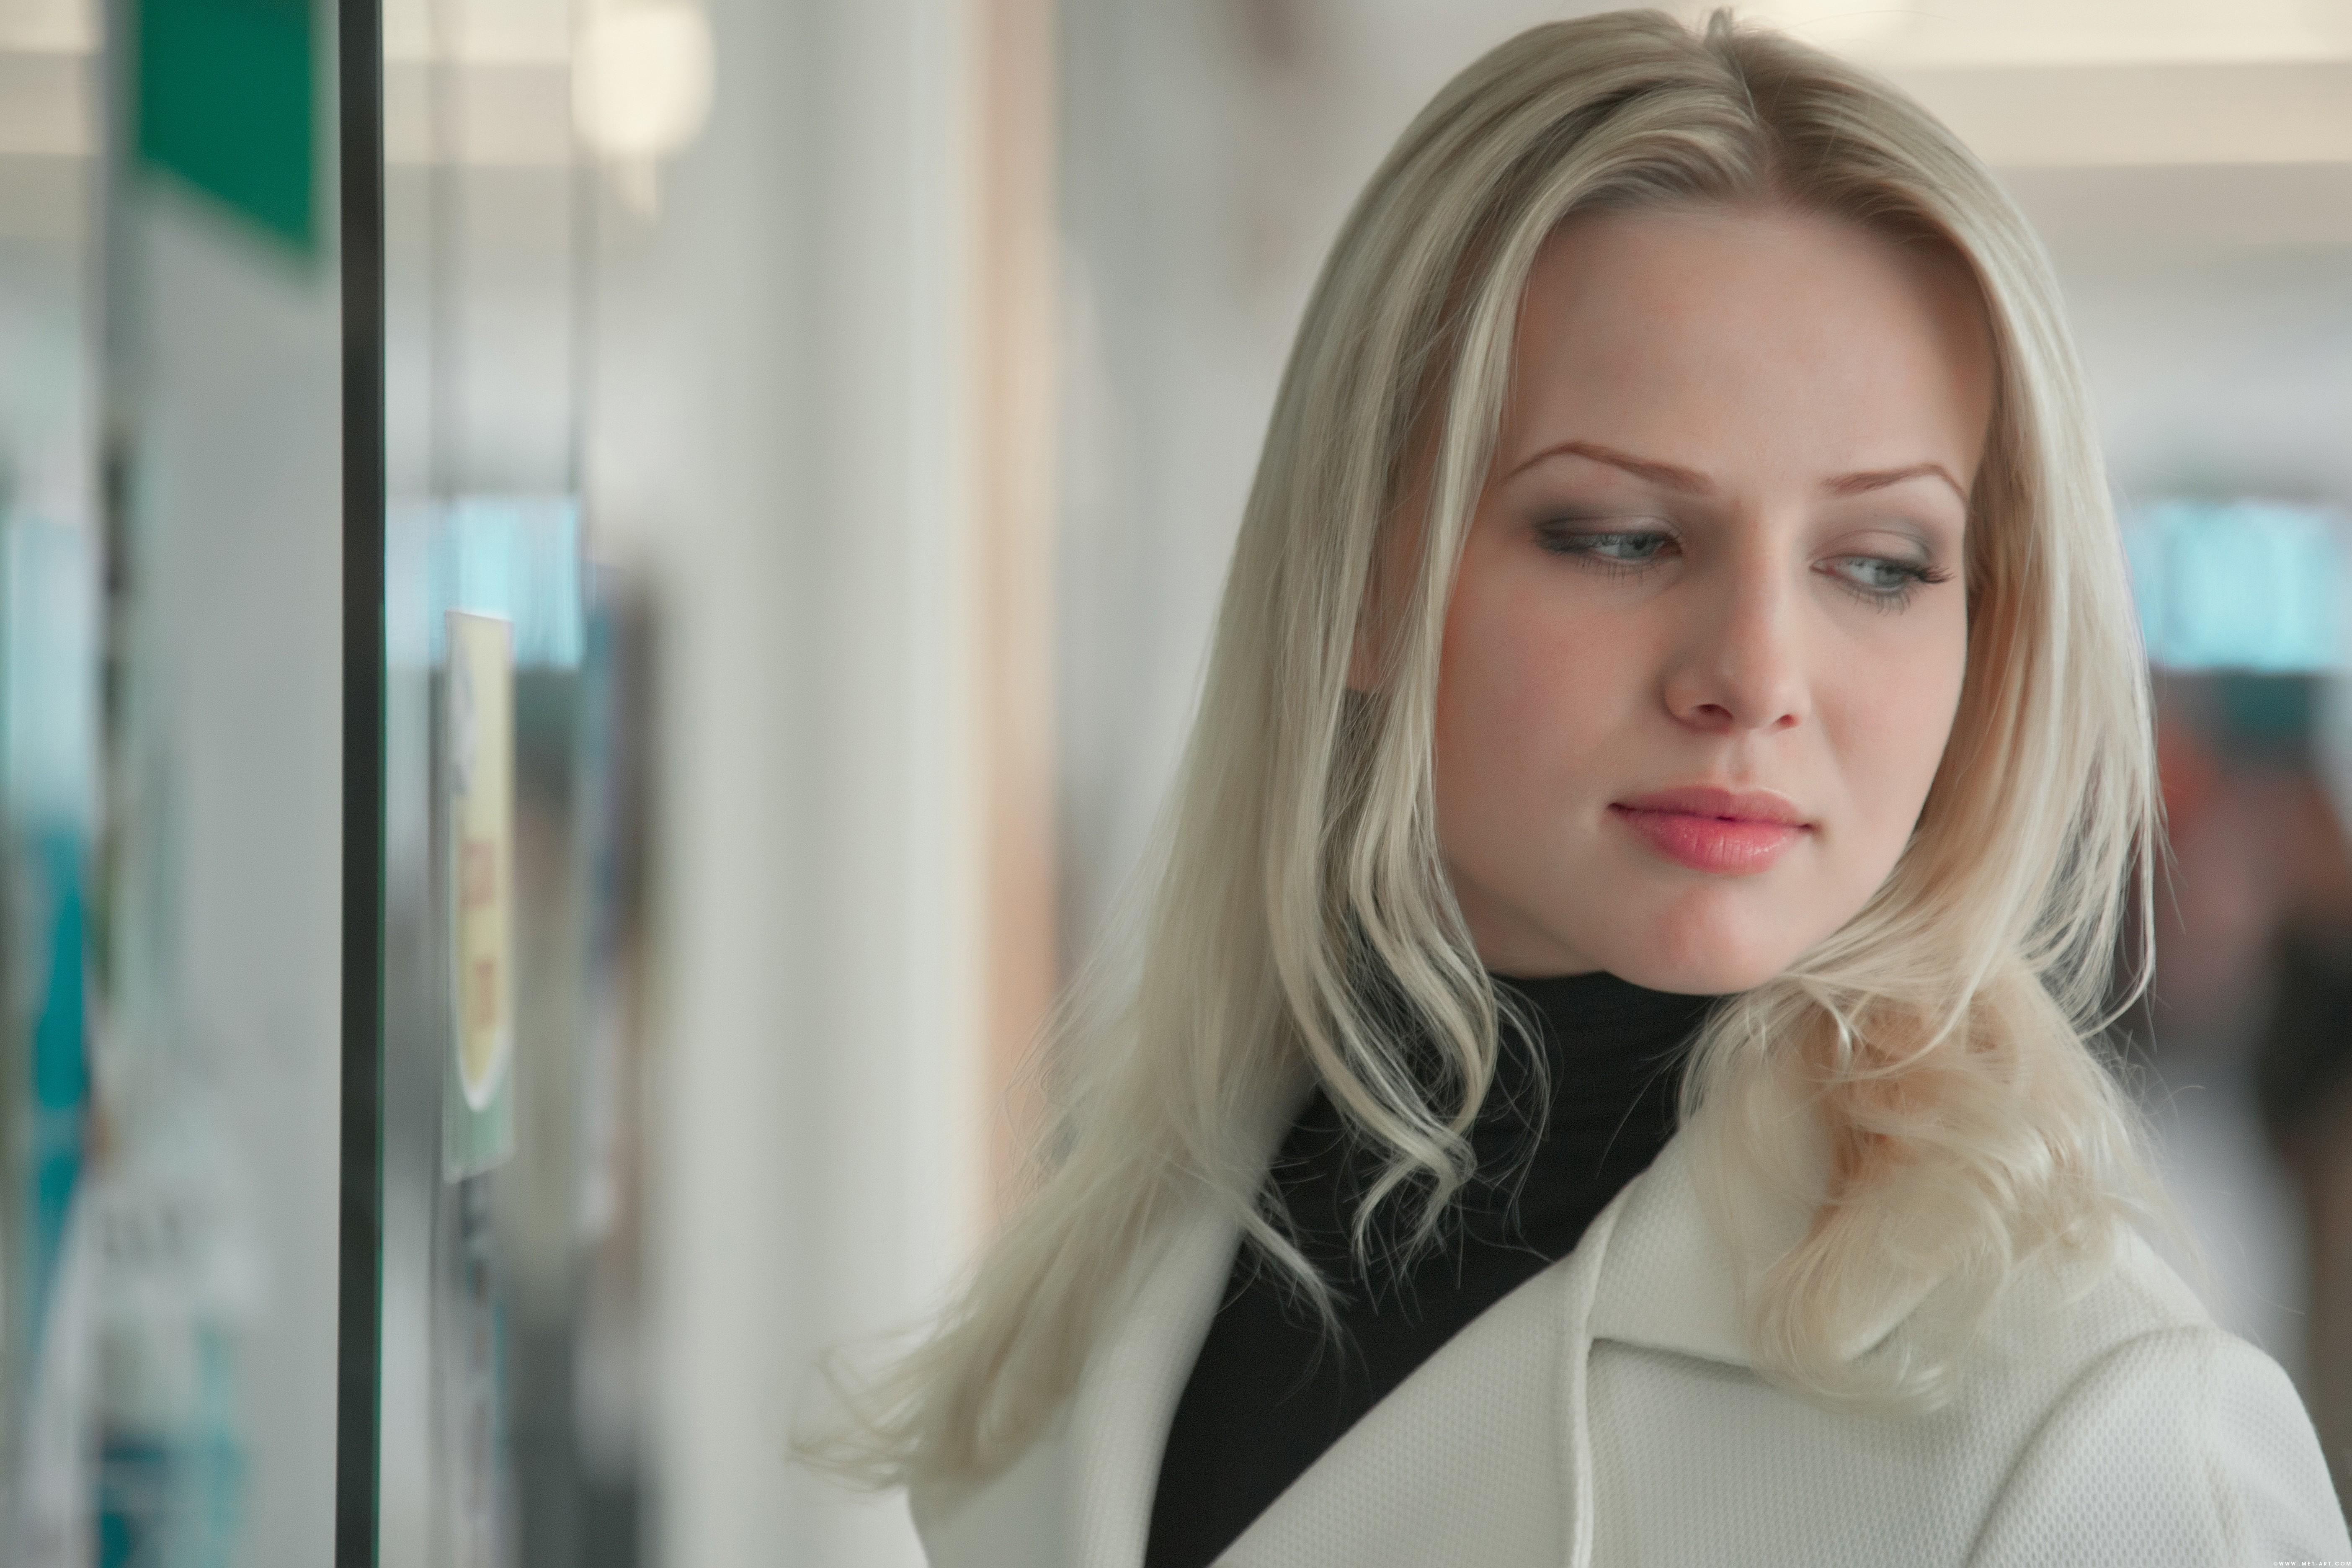 porno18let.ru — Взрослые красивые девушки за 40 фото